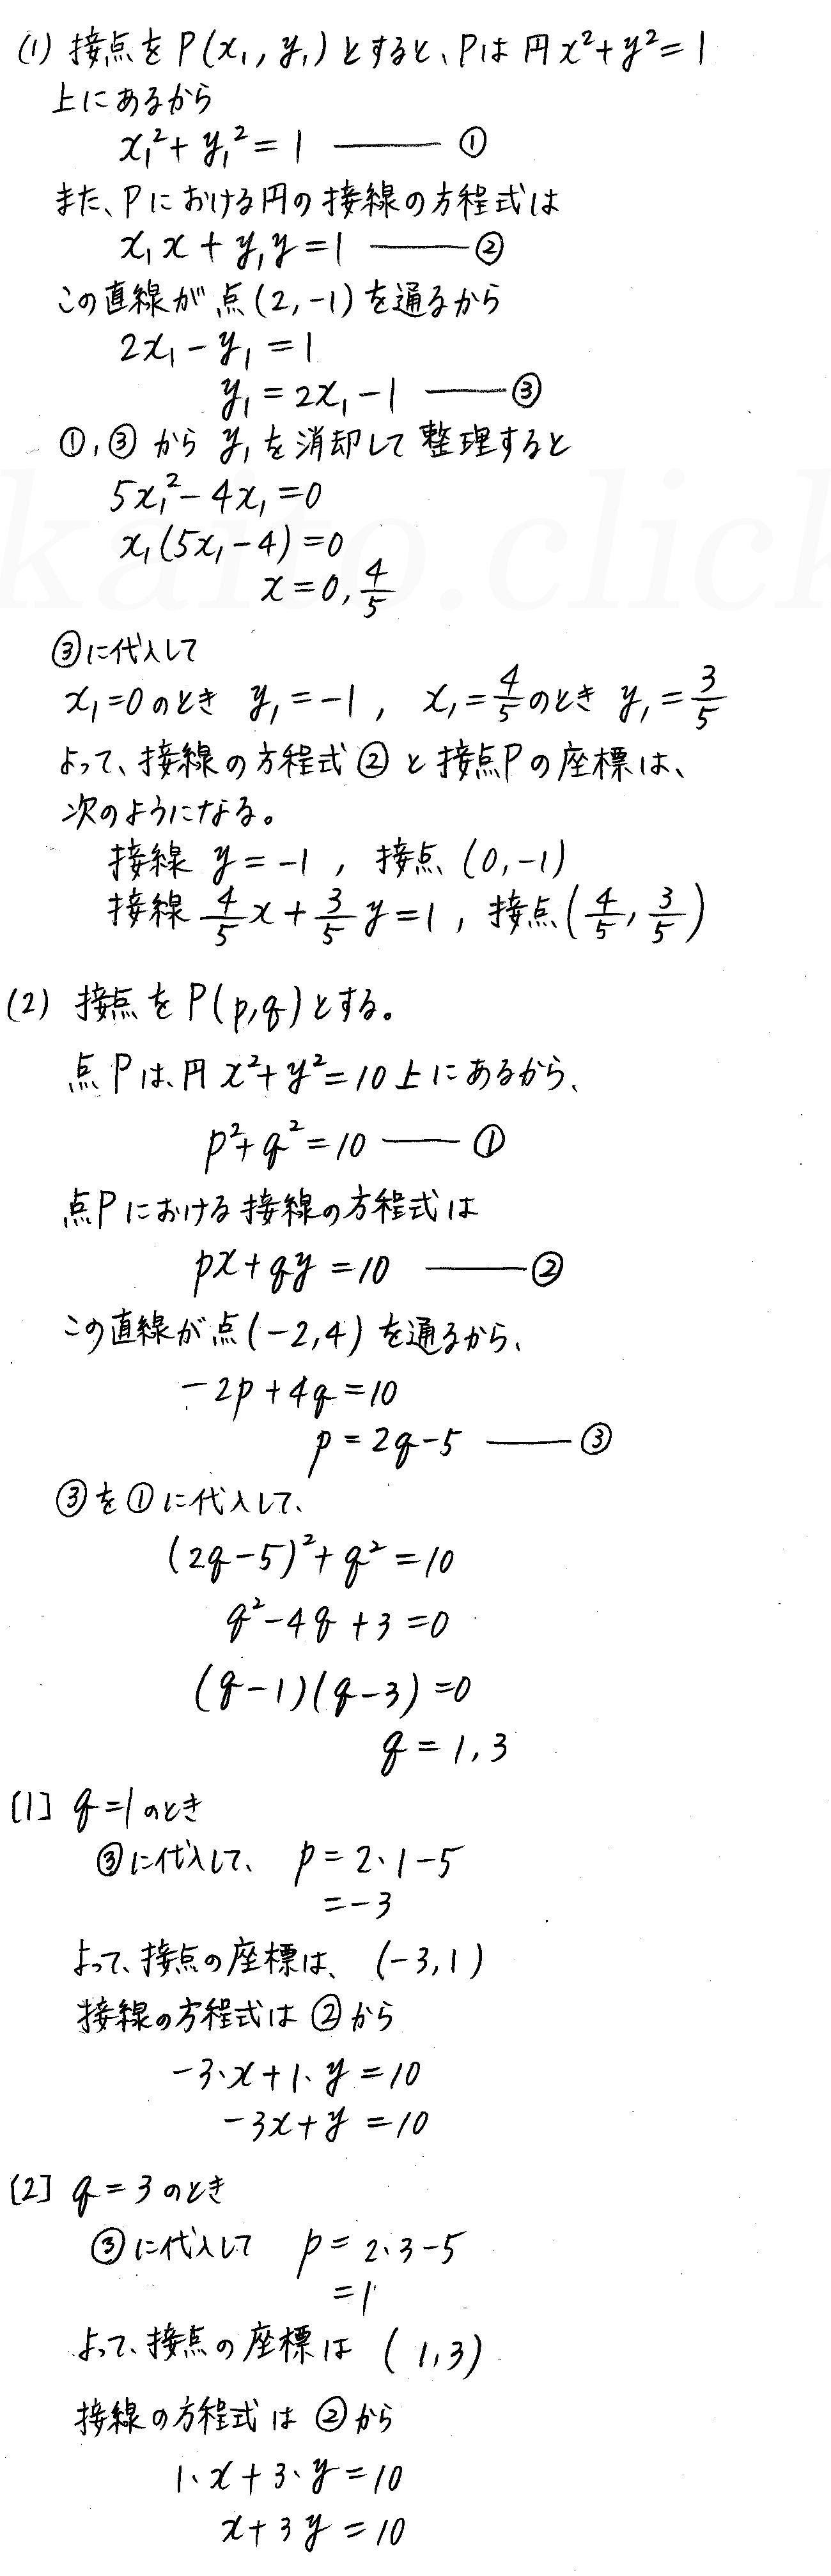 クリアー数学2-195解答